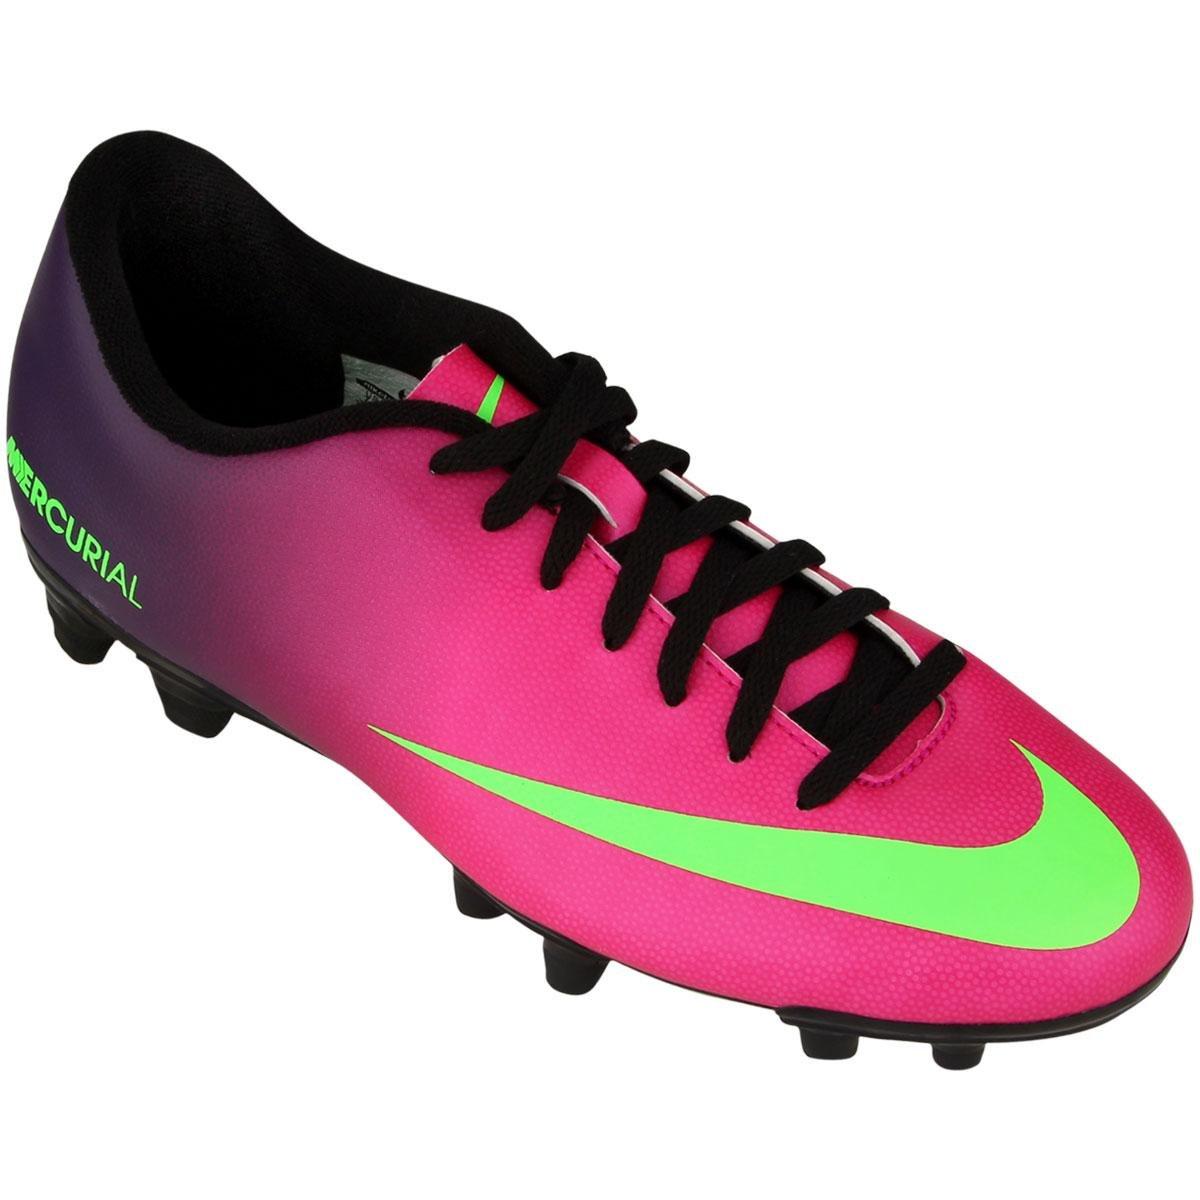 ab48e9bcdfae2 Chuteira Nike Mercurial Vortex FG | Loja do Inter